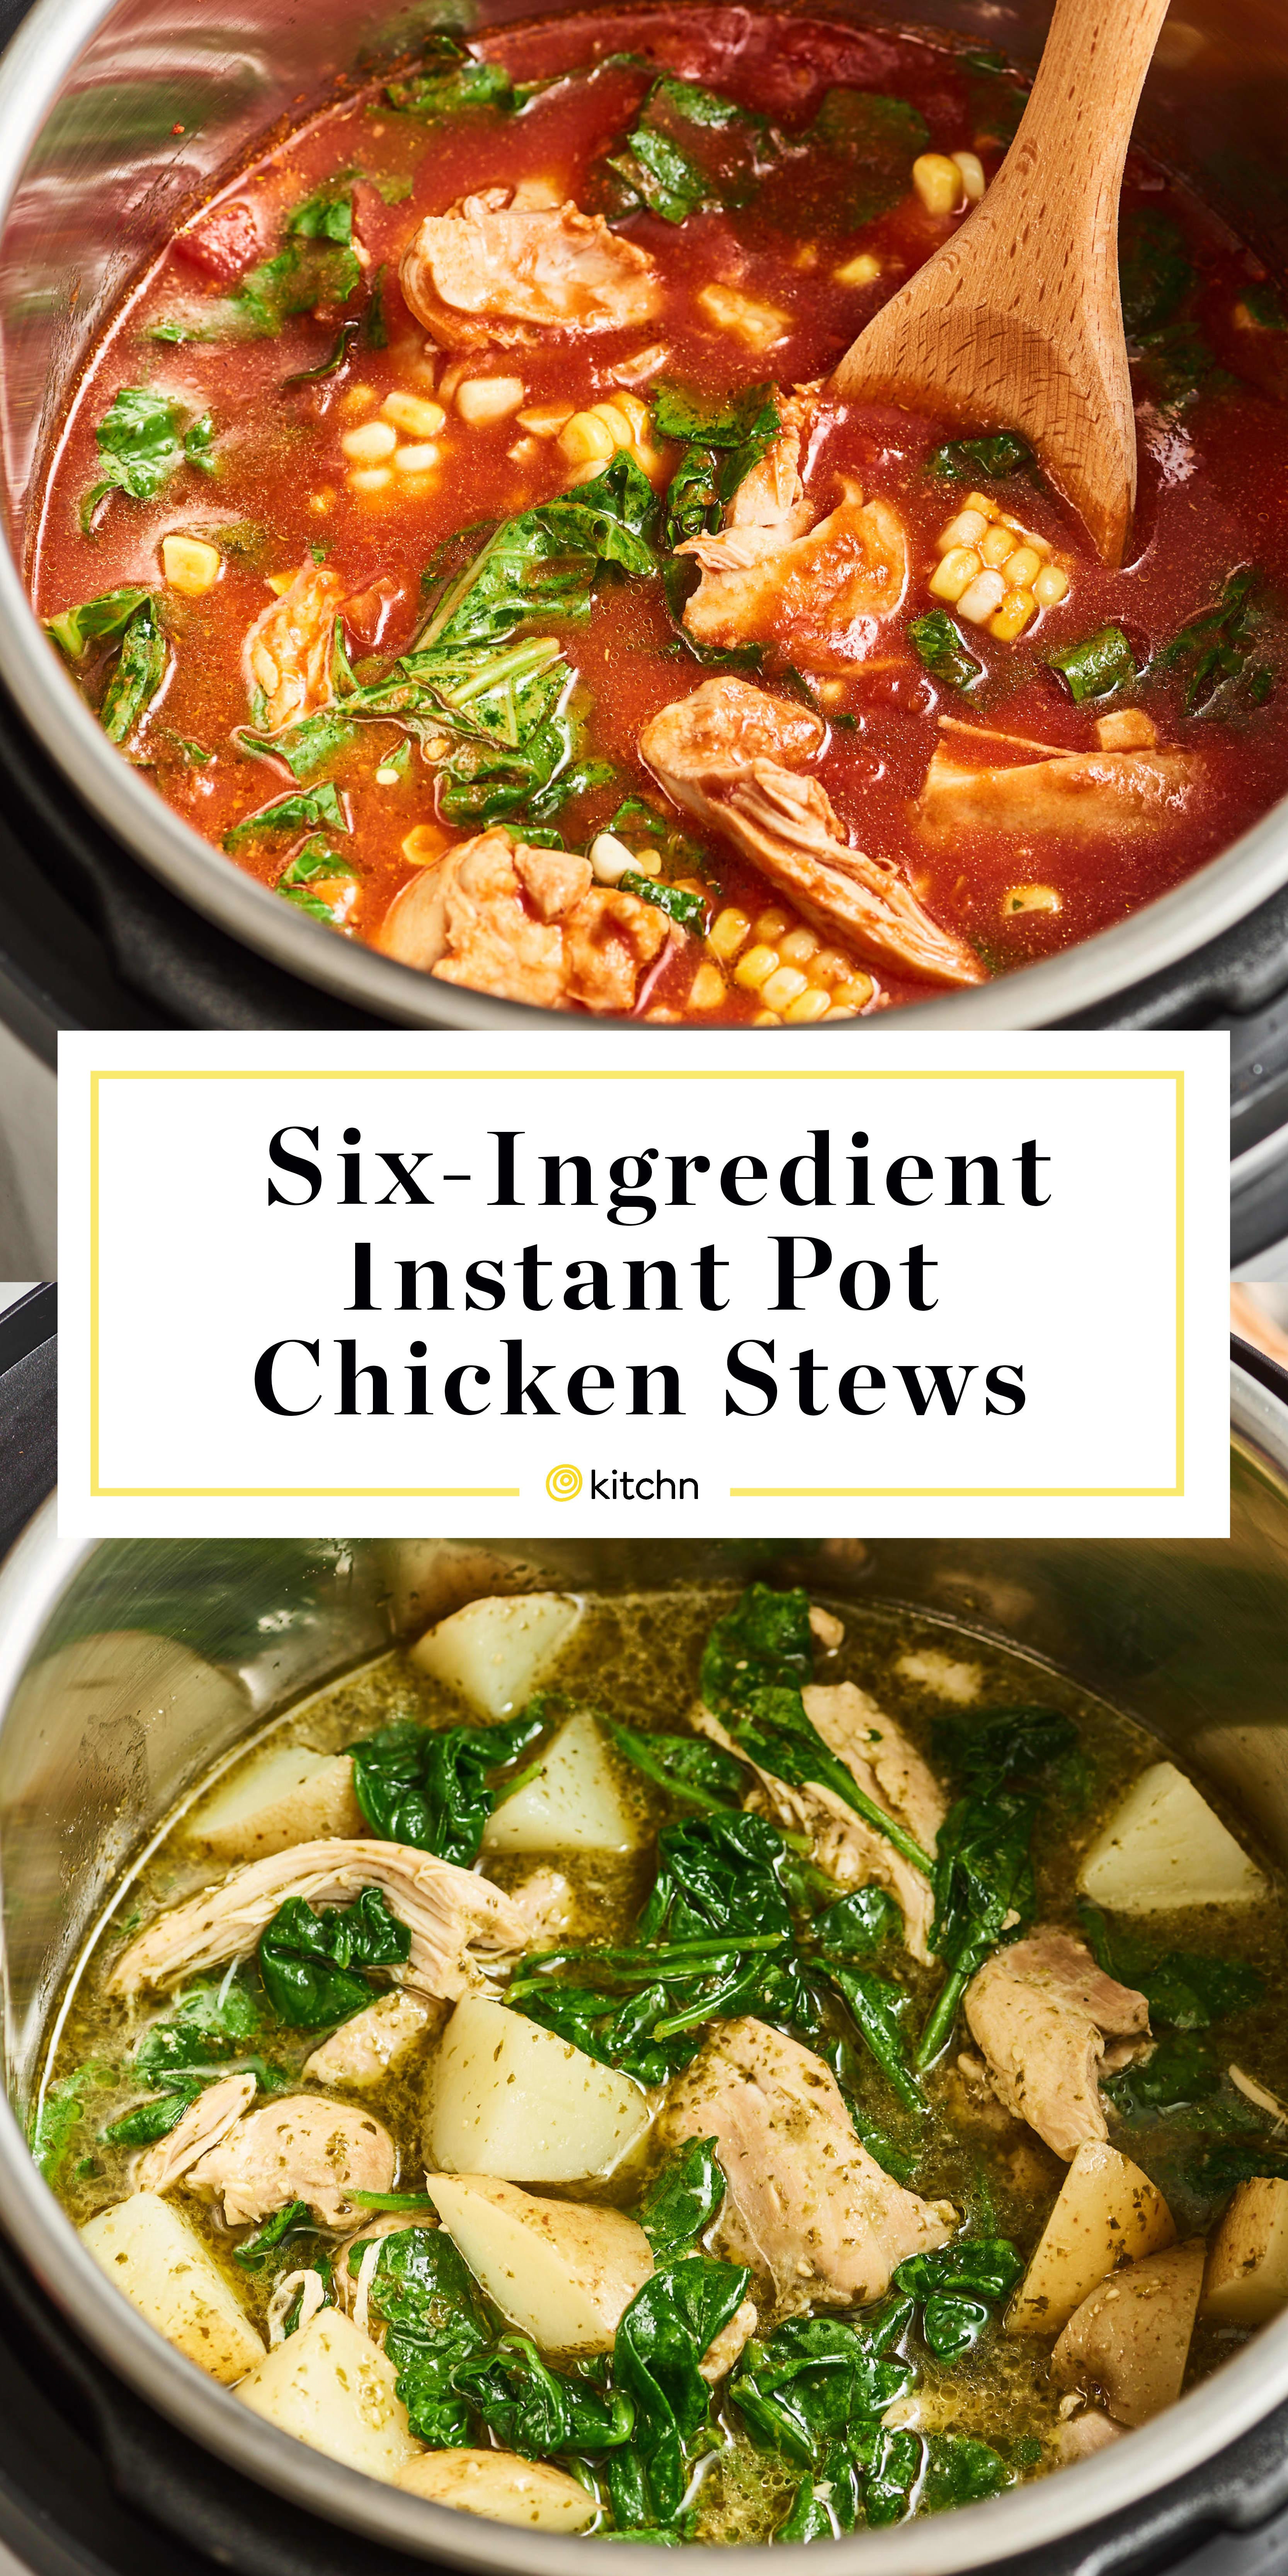 5 Easy Instant Pot Chicken Stews | Kitchn